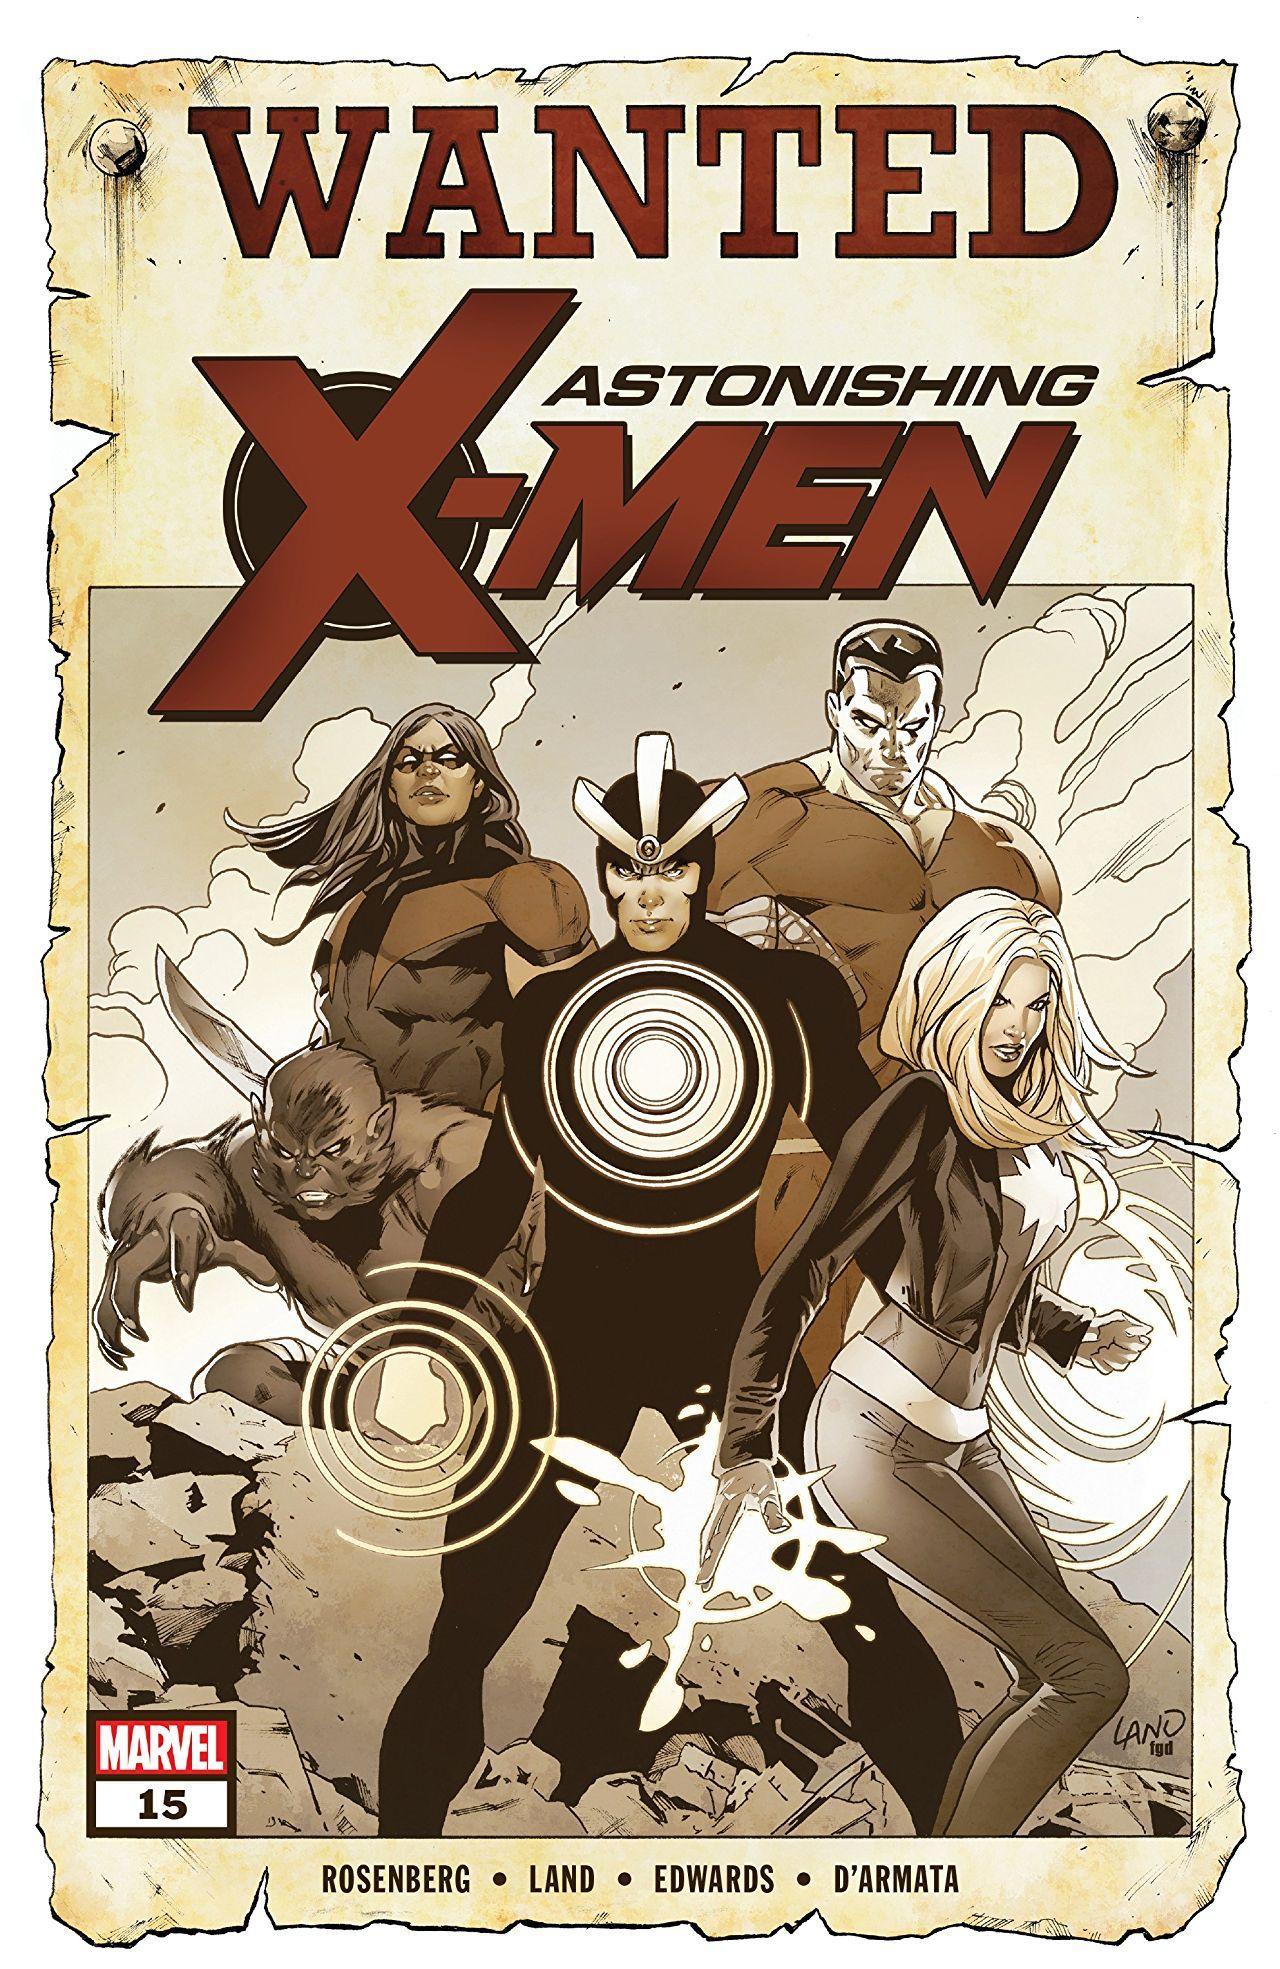 Astonishing X Men Vol 4 15 X Men Comics Comic Books